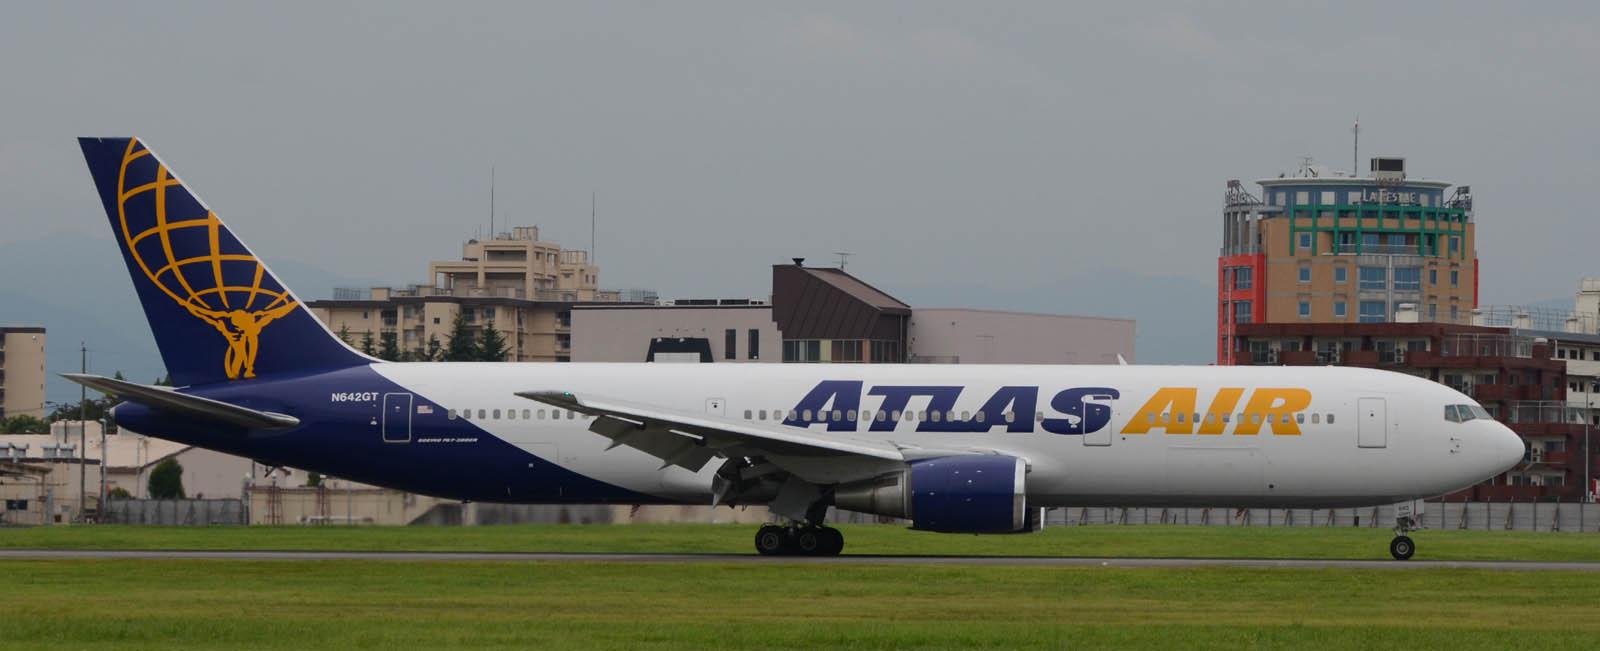 Atlas130824g208